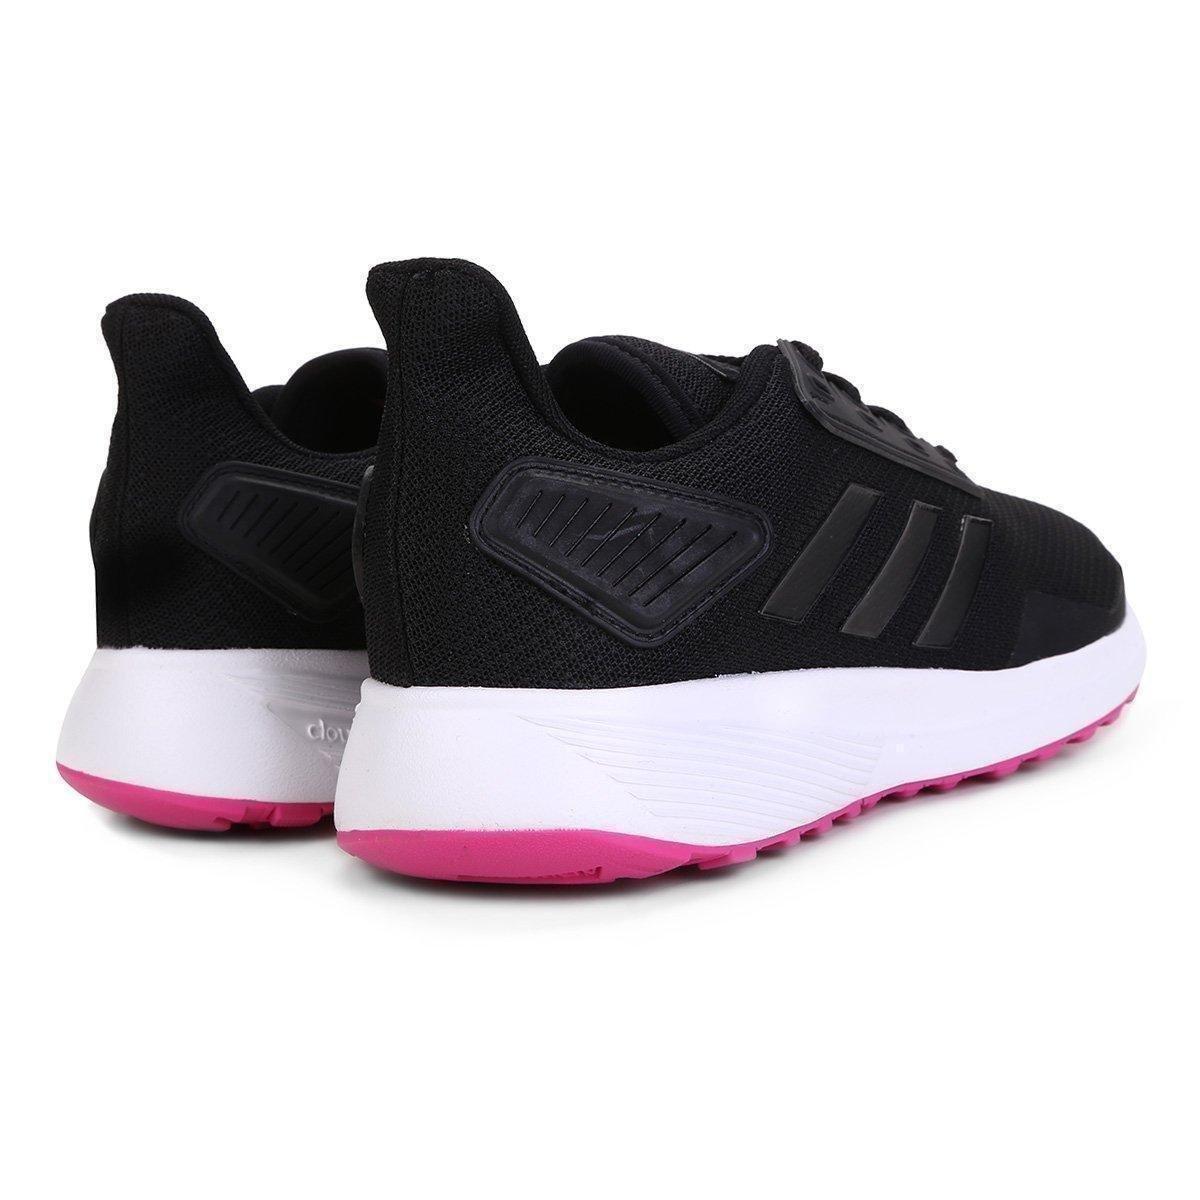 952d353b1 Tênis Adidas Duramo 9 Feminino - Tam: 39 - Shopping TudoAzul